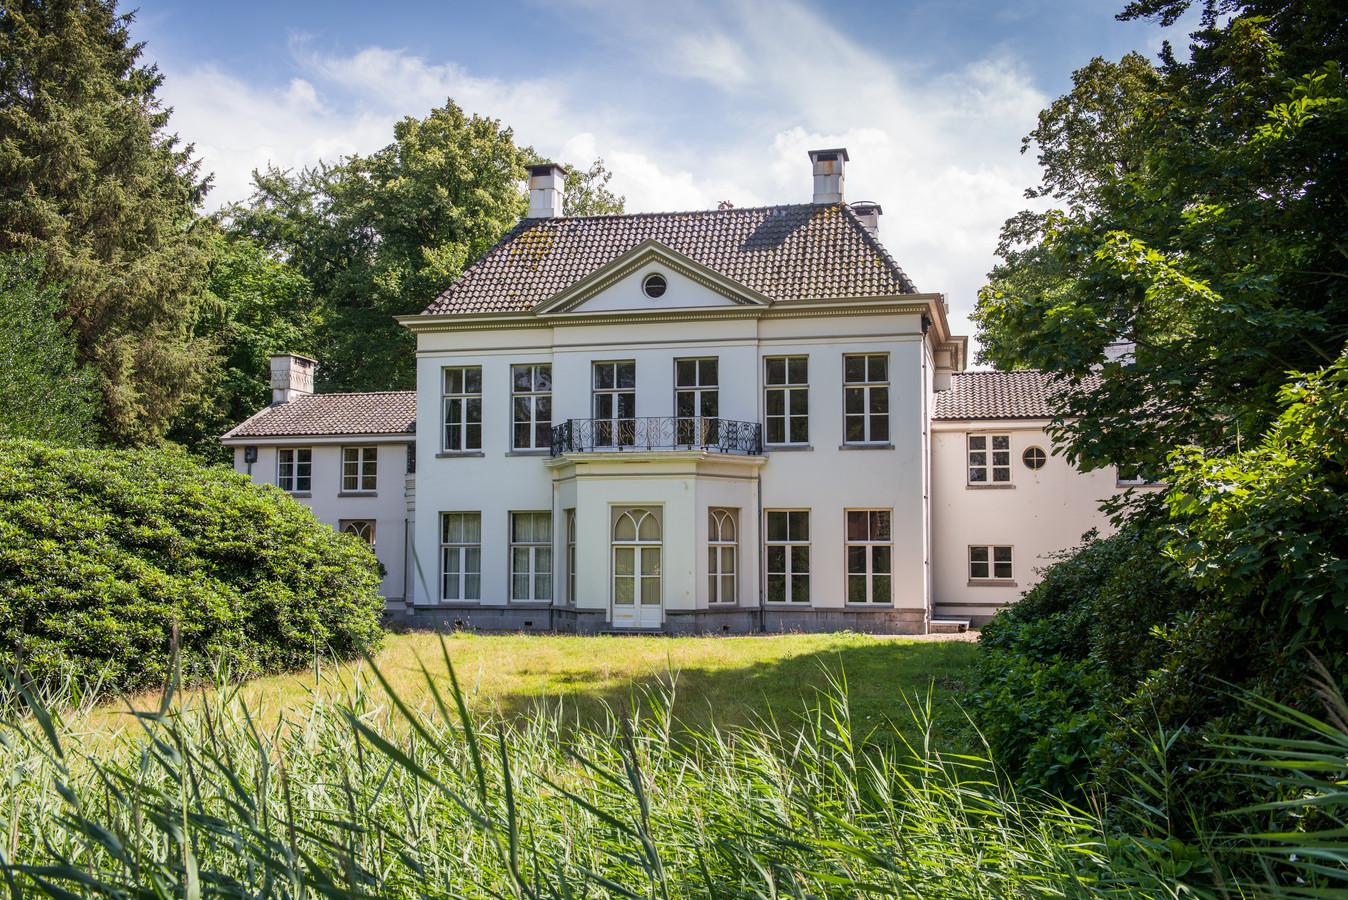 Duurste Huis Van Nederland In Doornspijk Moet Weer Gaan Stralen